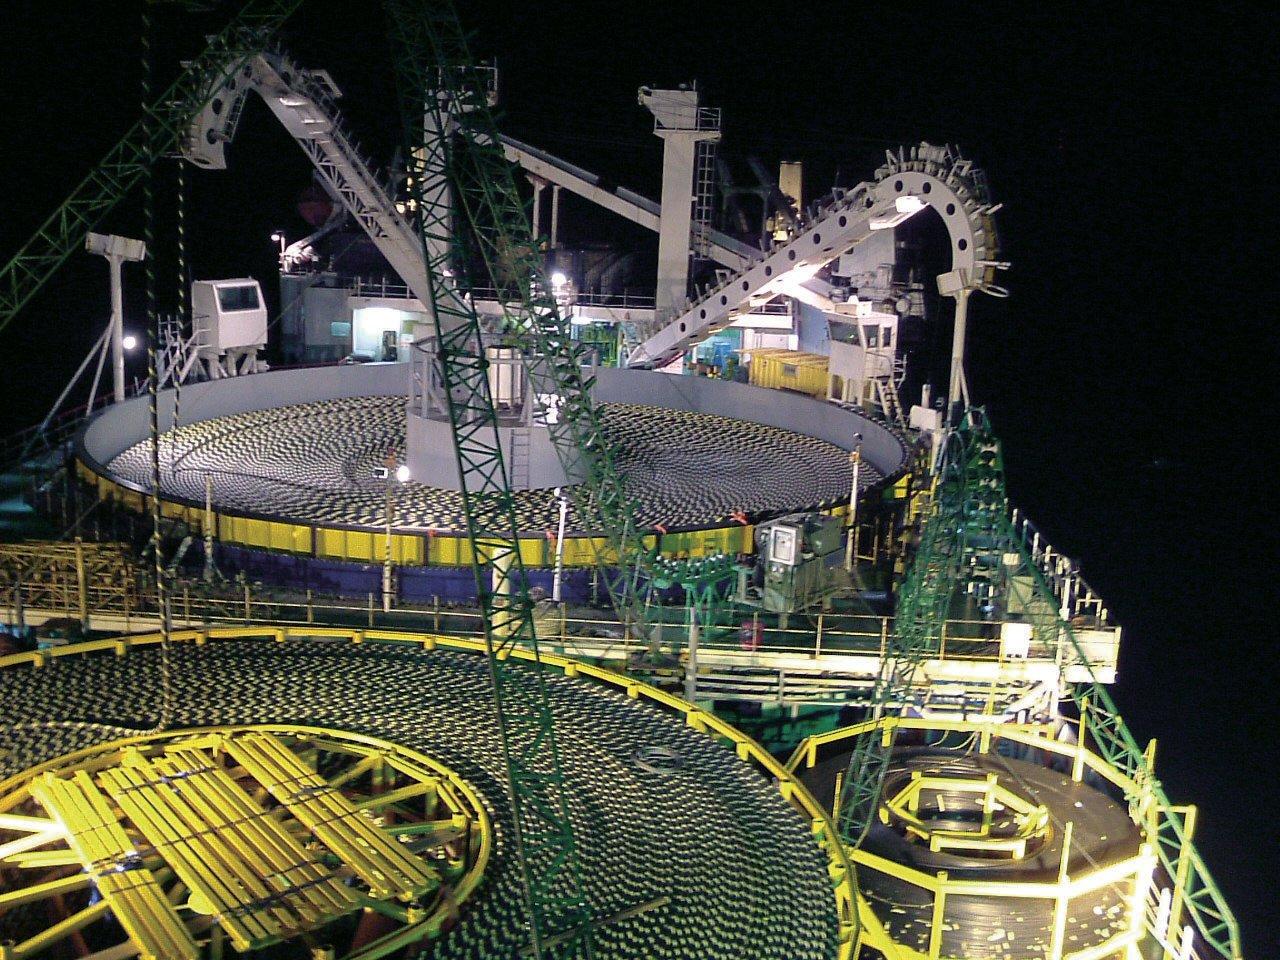 SubmarineCablesShip_100dpi